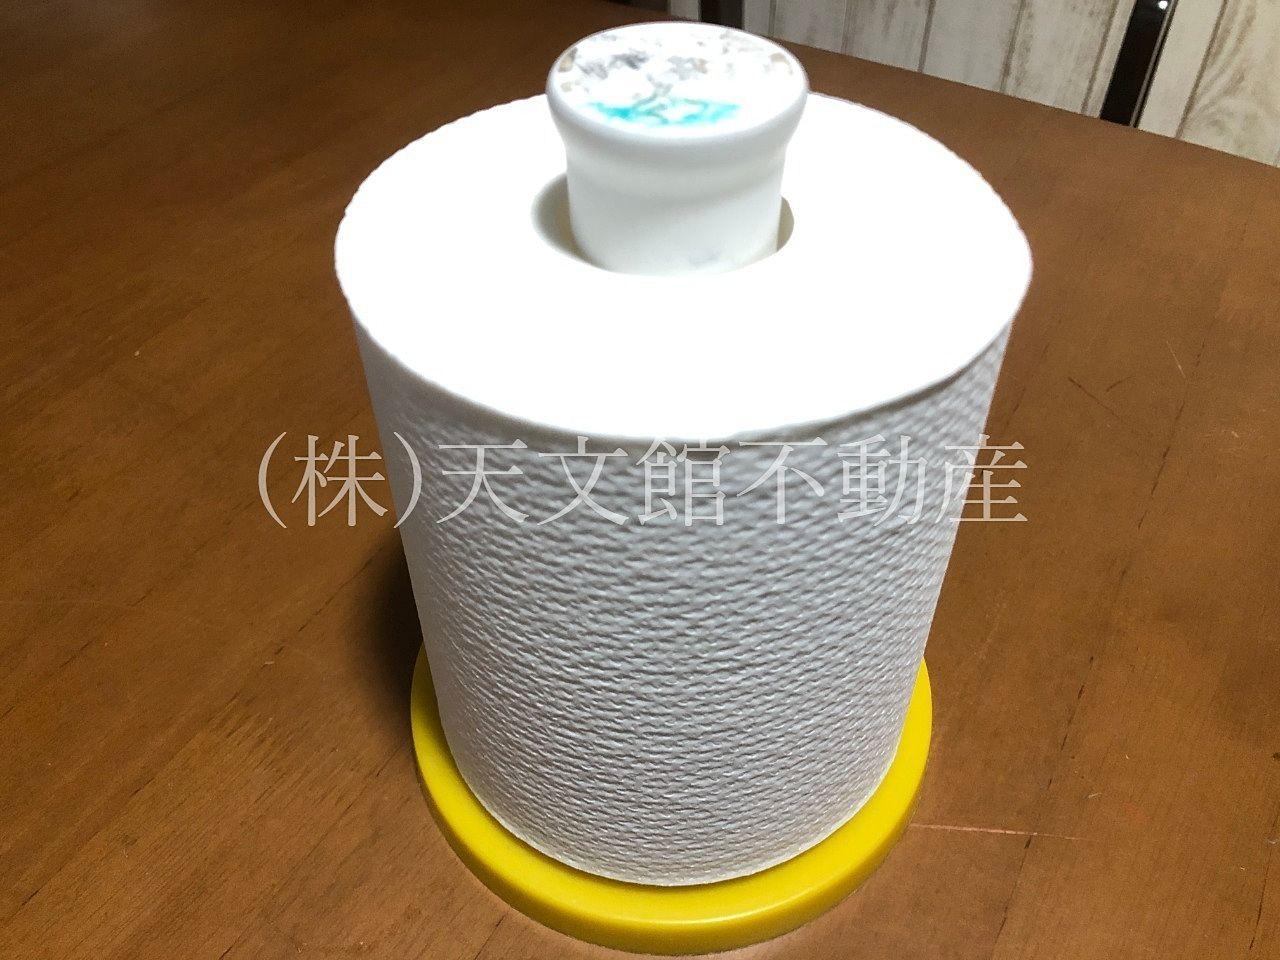 トイレットペーパー便利な使い方 節約術